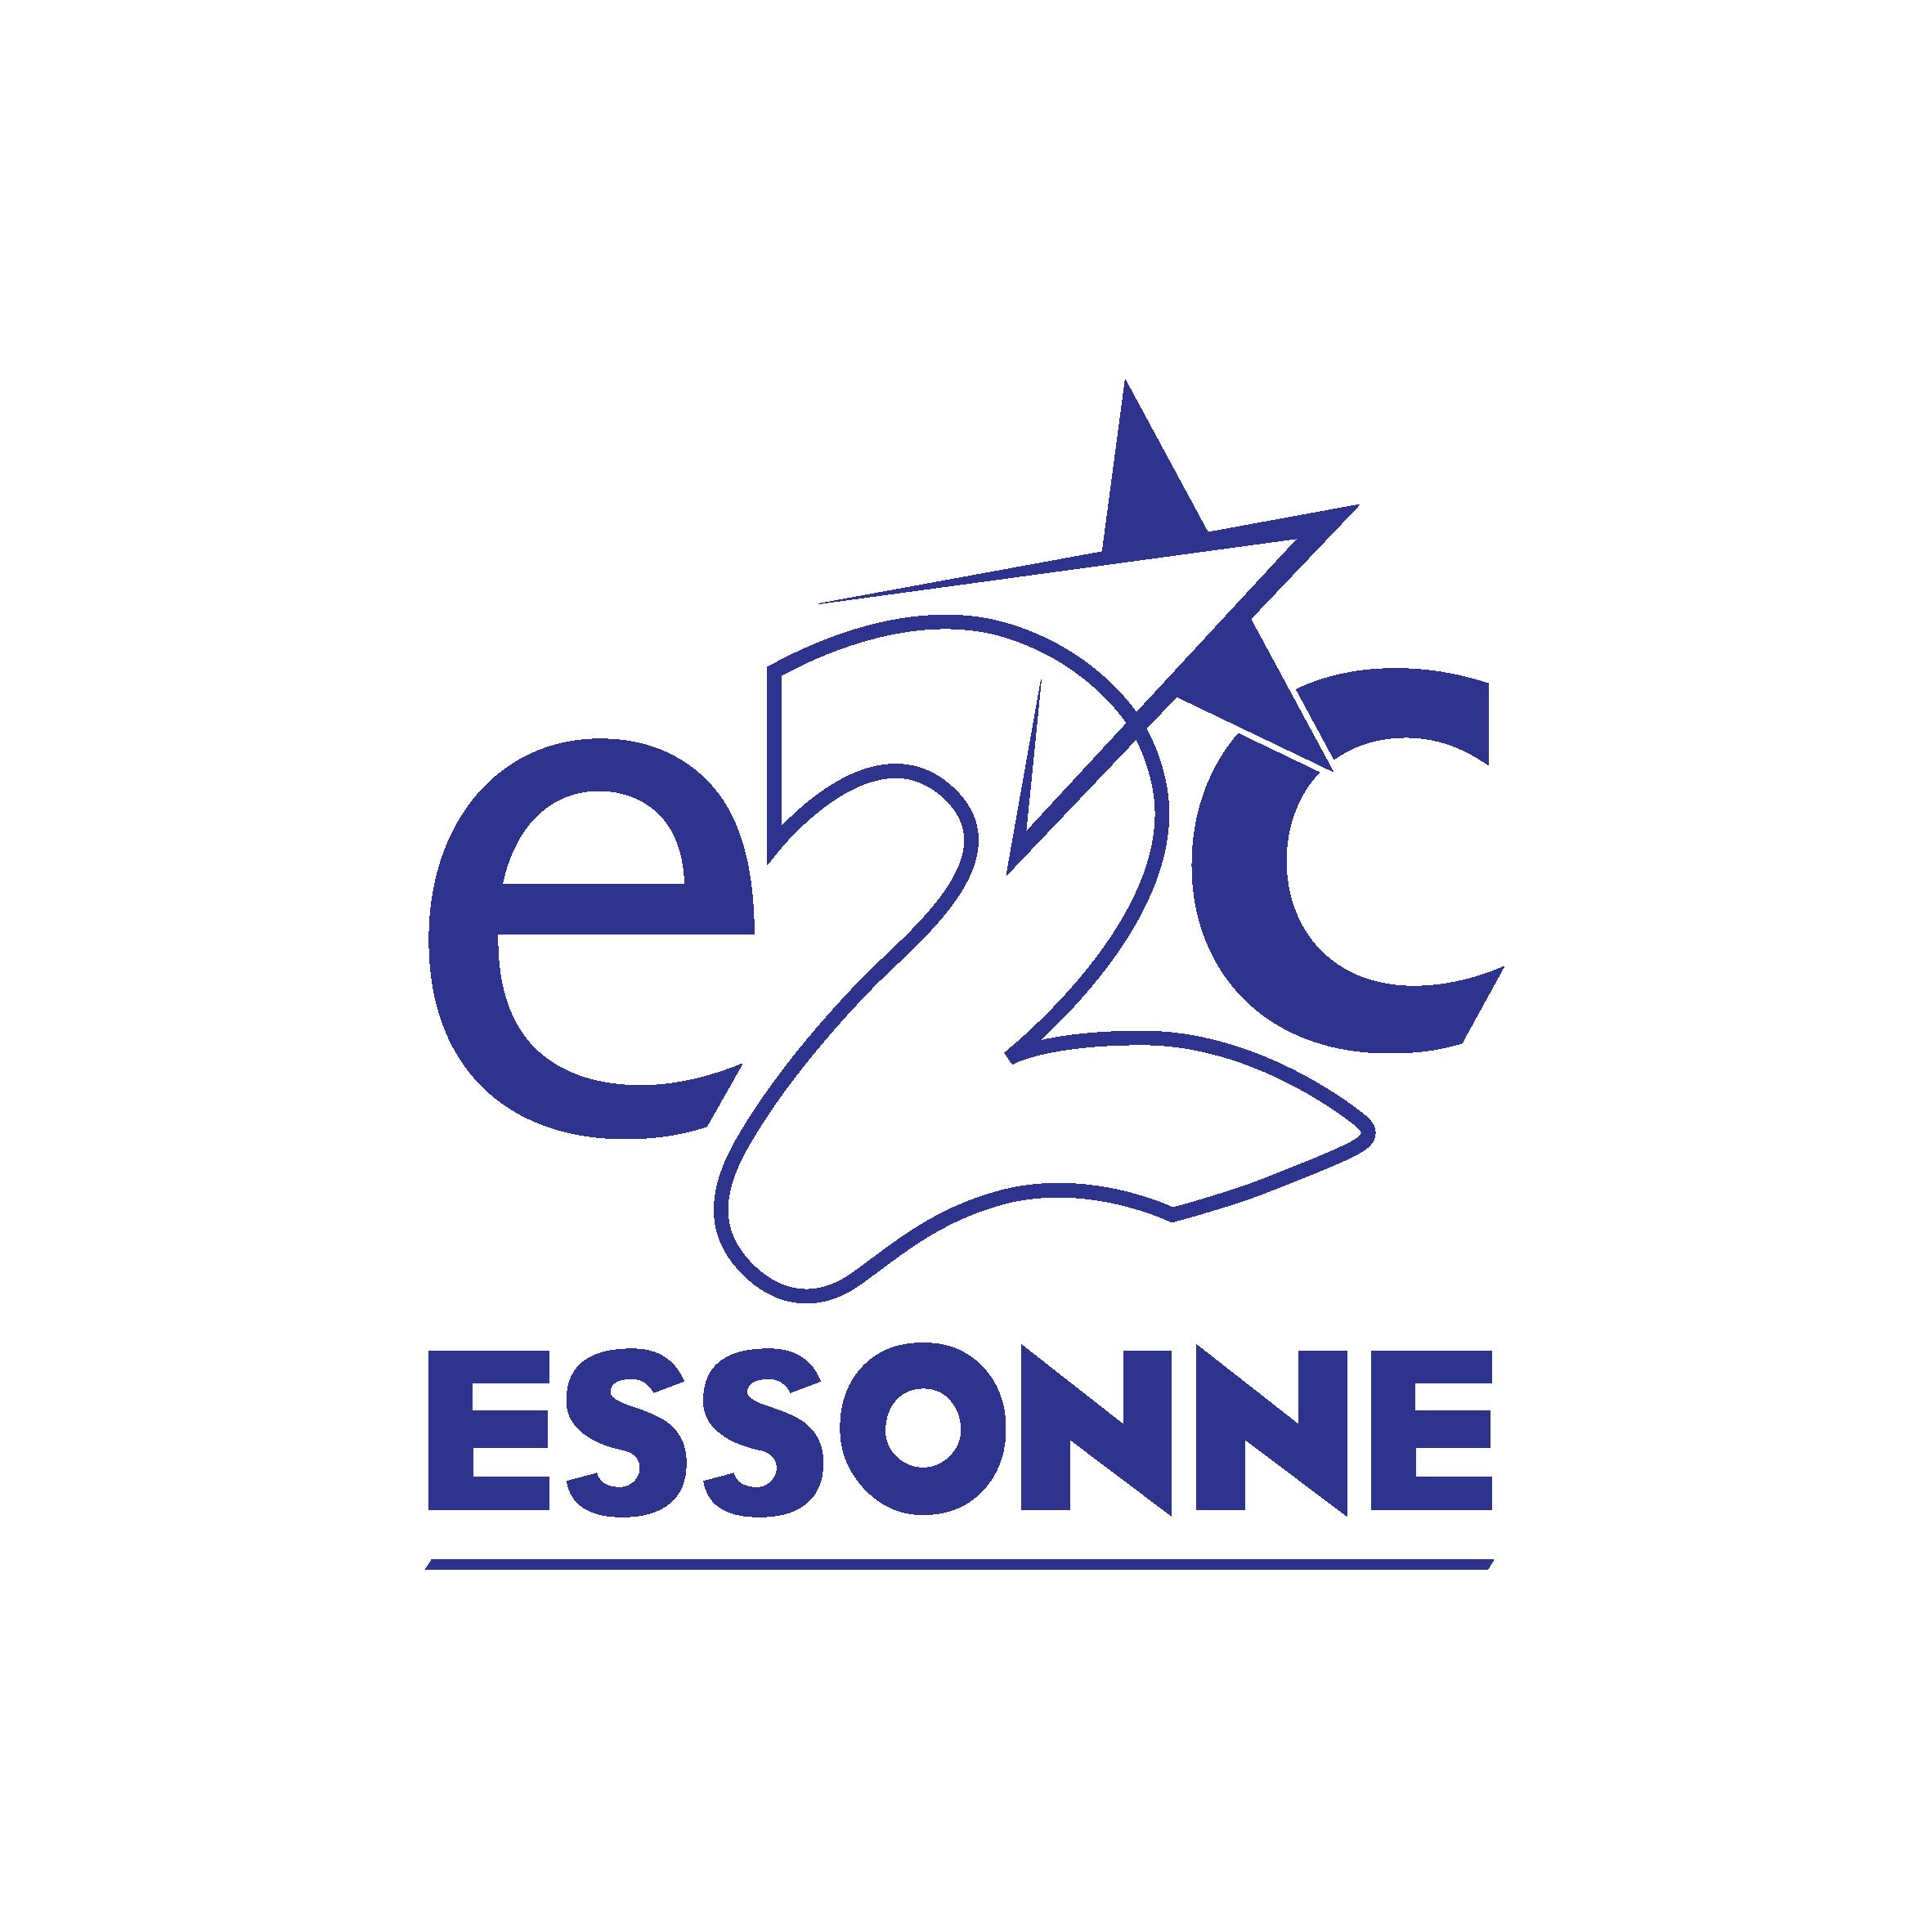 logo E2C Essonne